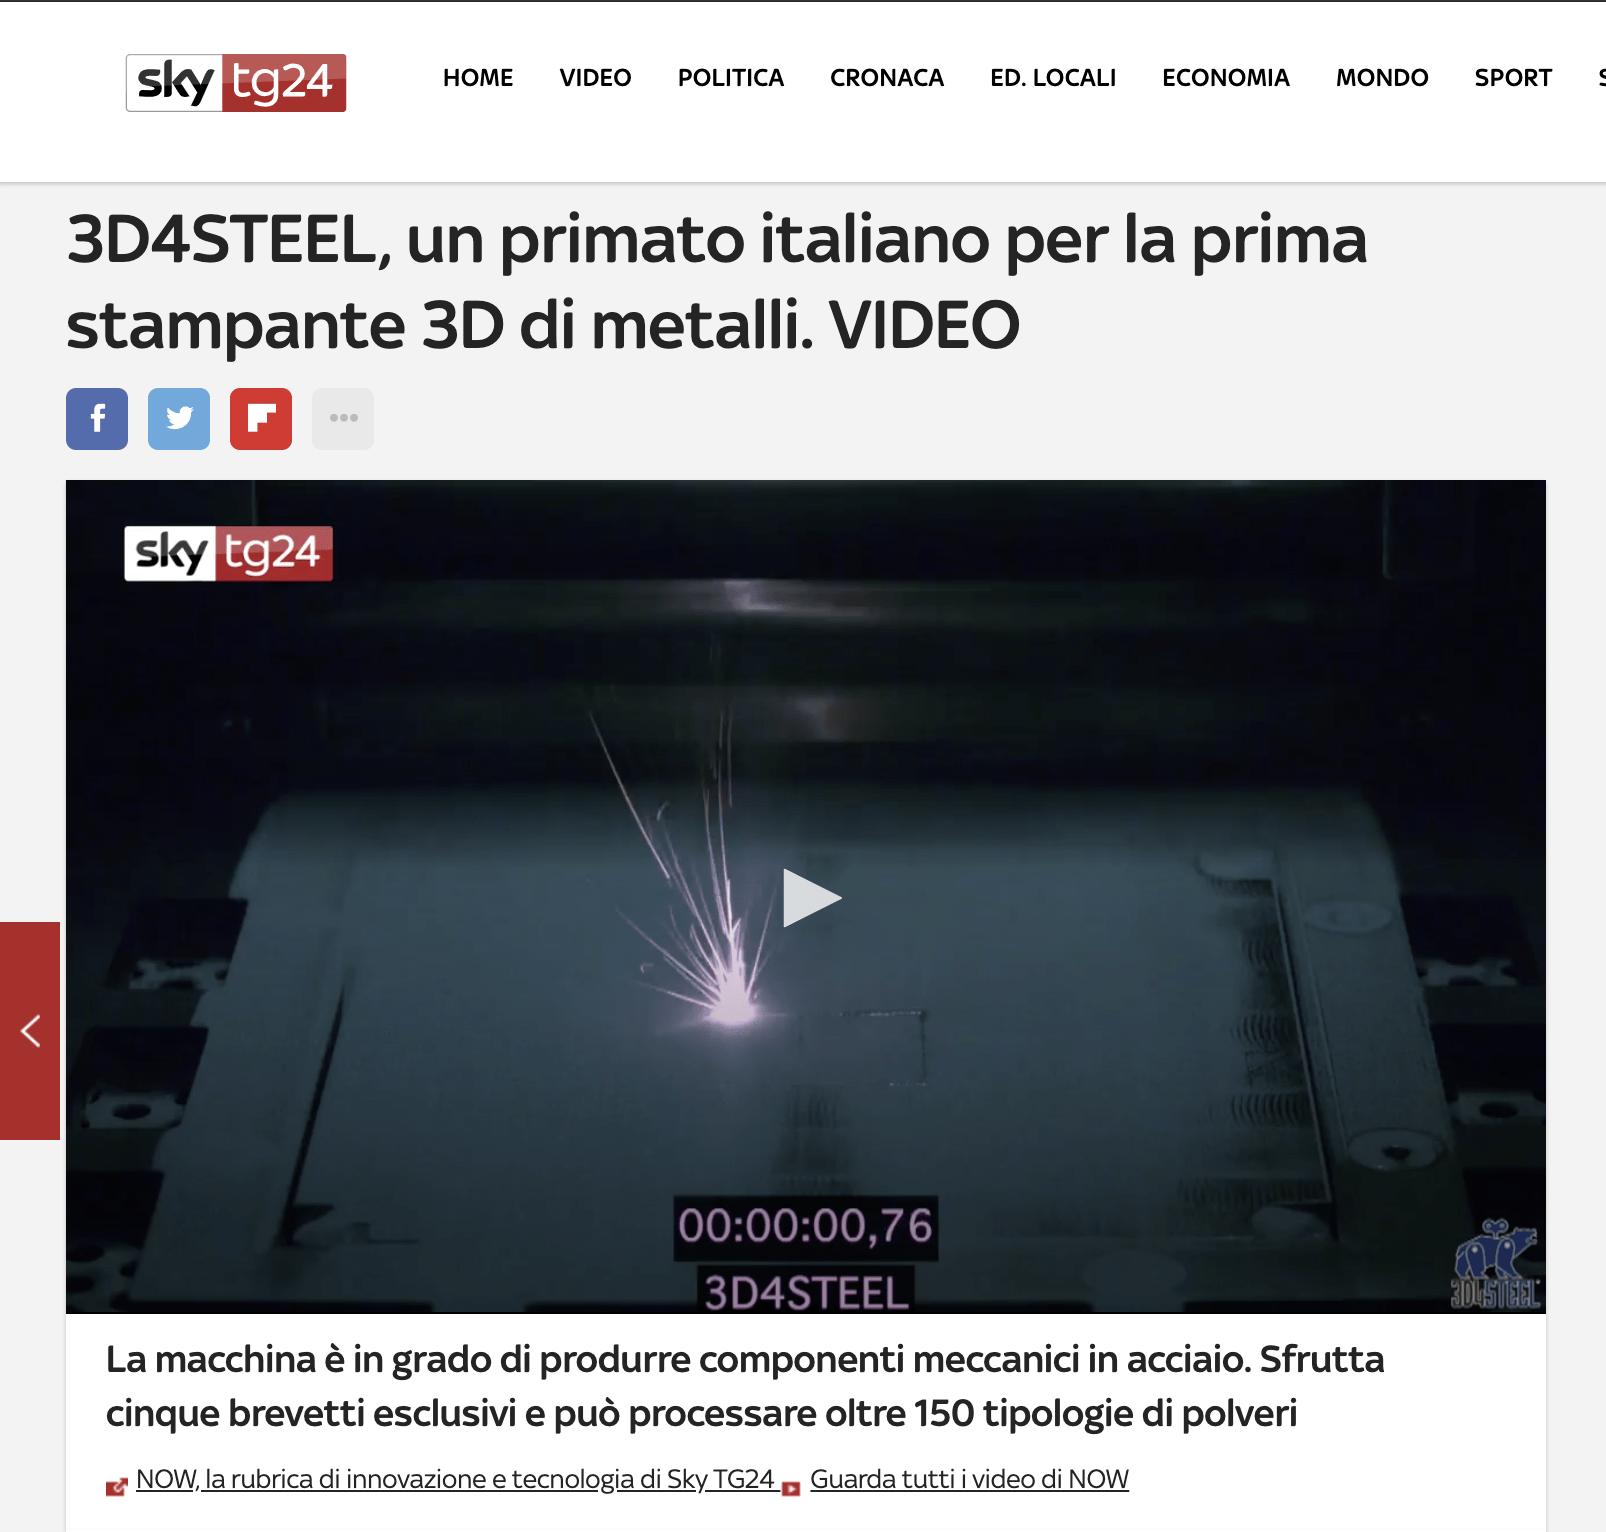 [Sky TG24] 3D4STEEL, un primato italiano per la prima stampante 3D di metalli